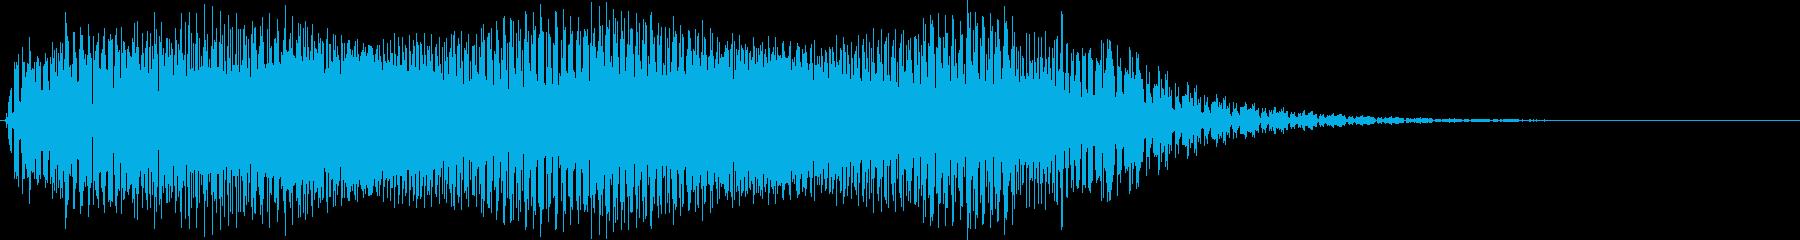 ギュイーン。ロボット・機械動作音(長め)の再生済みの波形